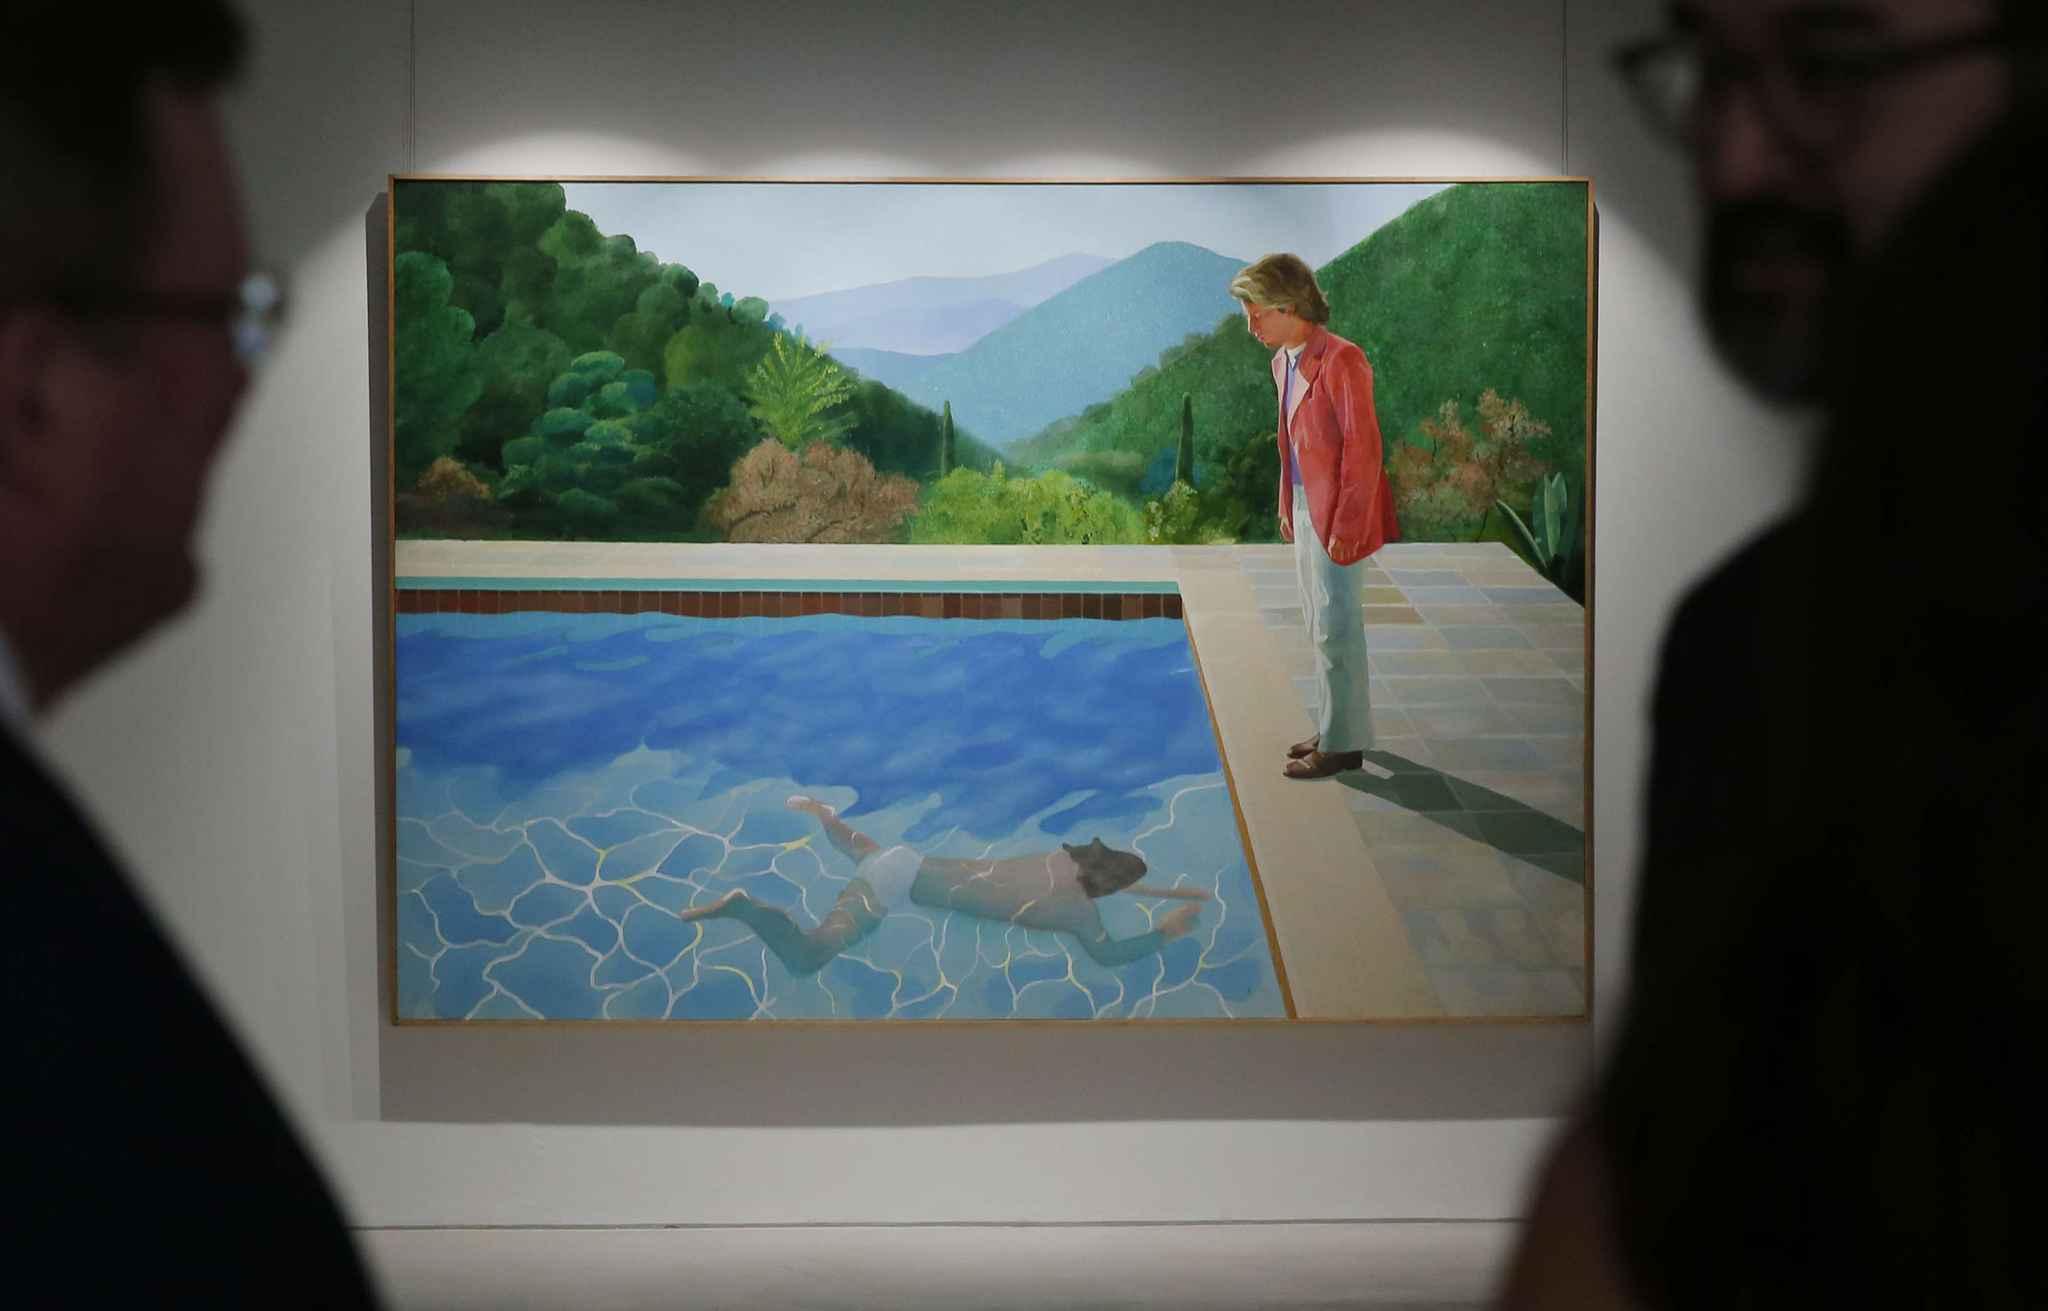 Prix D Un Tableau D Artiste les dix tableaux les plus chers au monde — 20minutes.fr